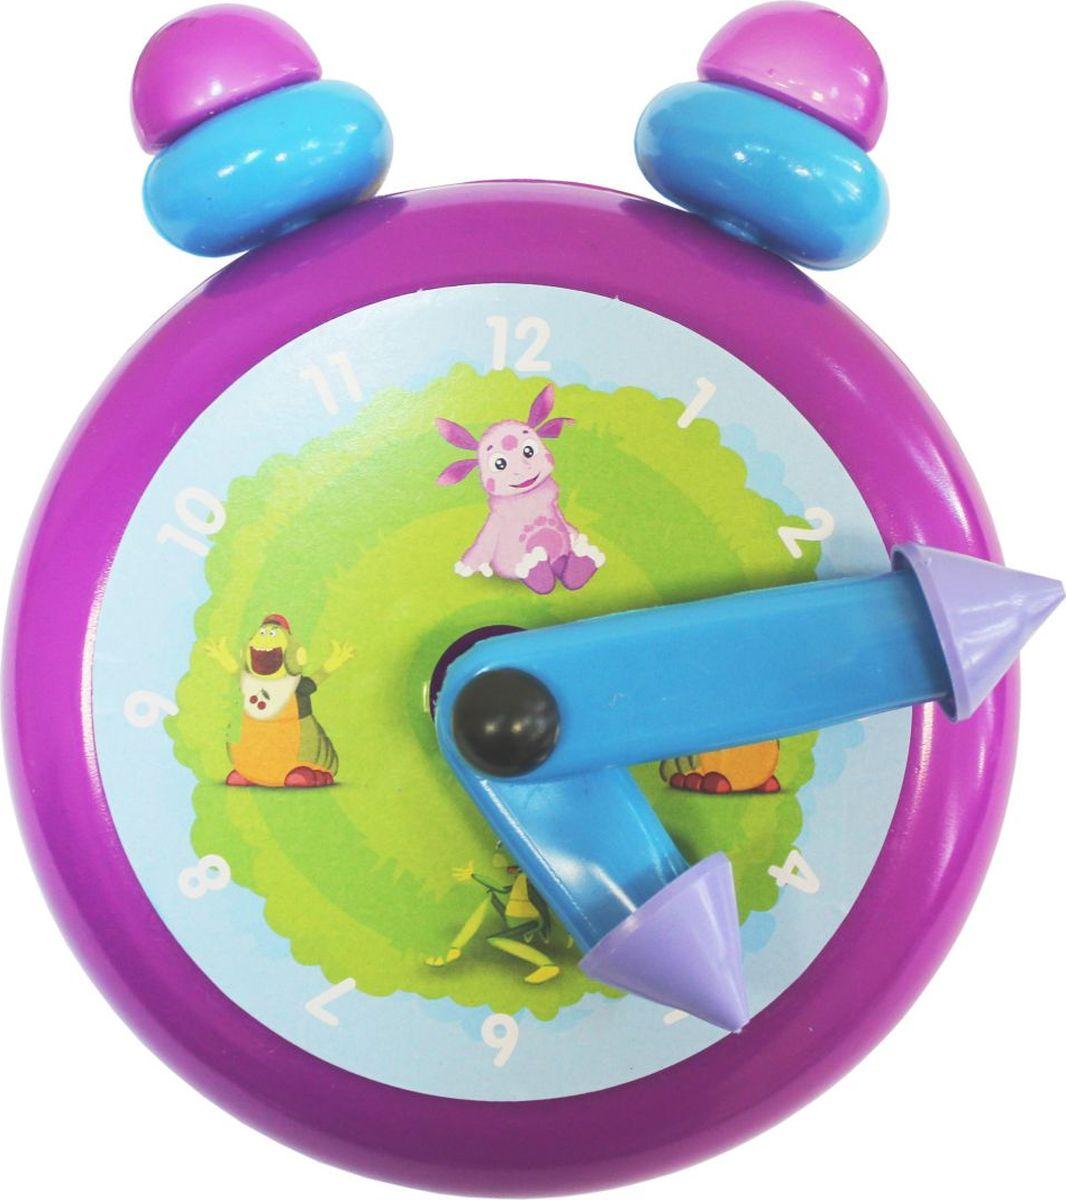 Лунтик Развивающая игрушка Будильник Лунтик фигурки игрушки prostotoys пупсень серия лунтик и его друзья